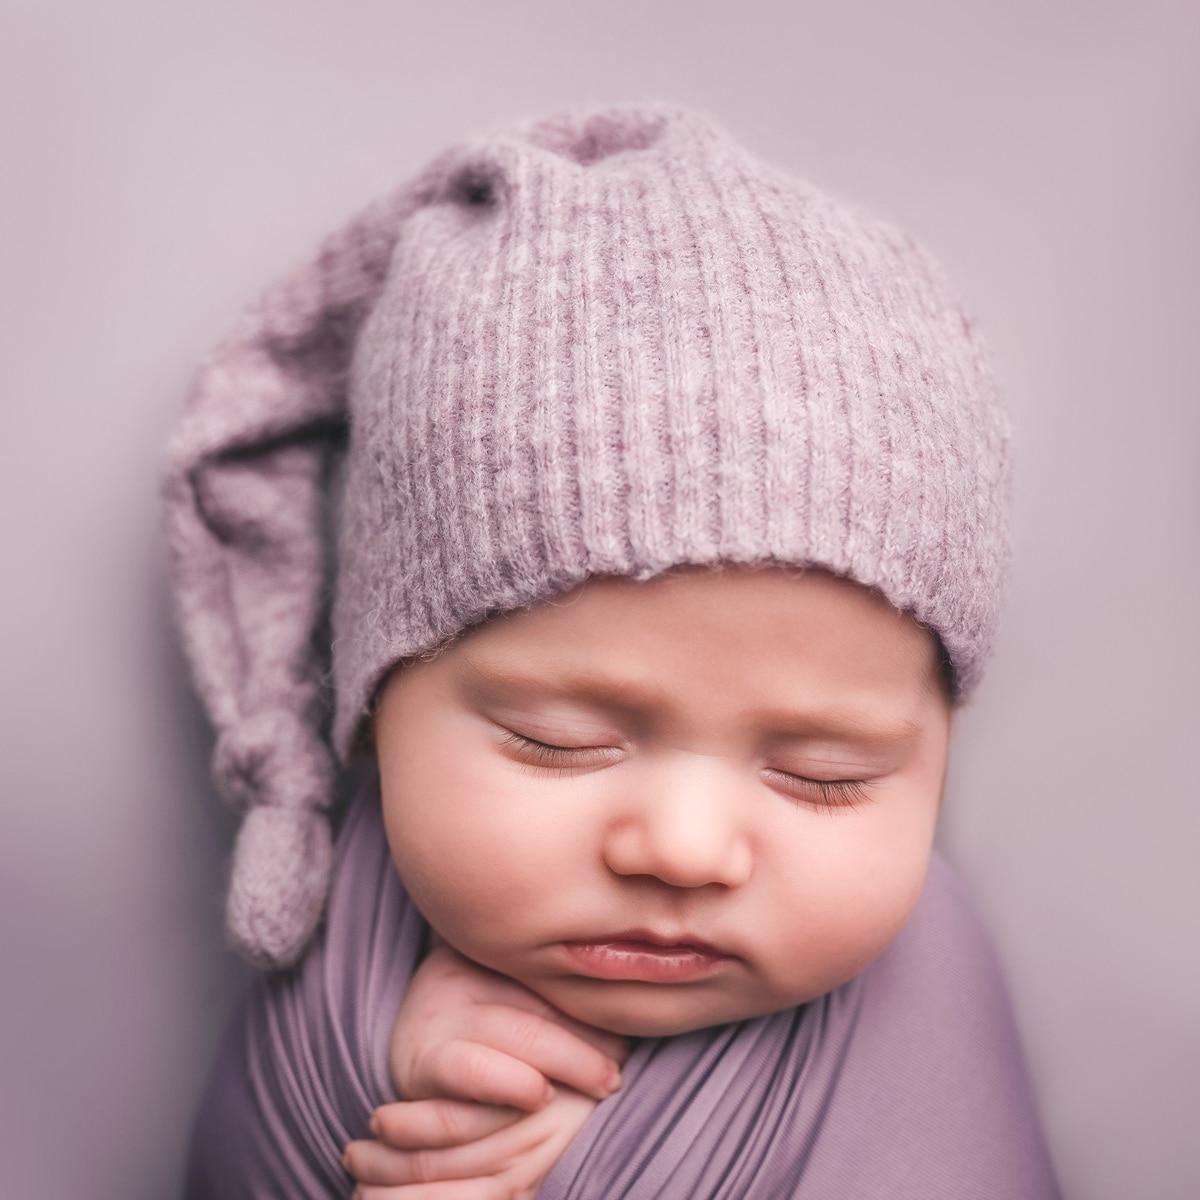 Newborn-Clean-Light-After-3